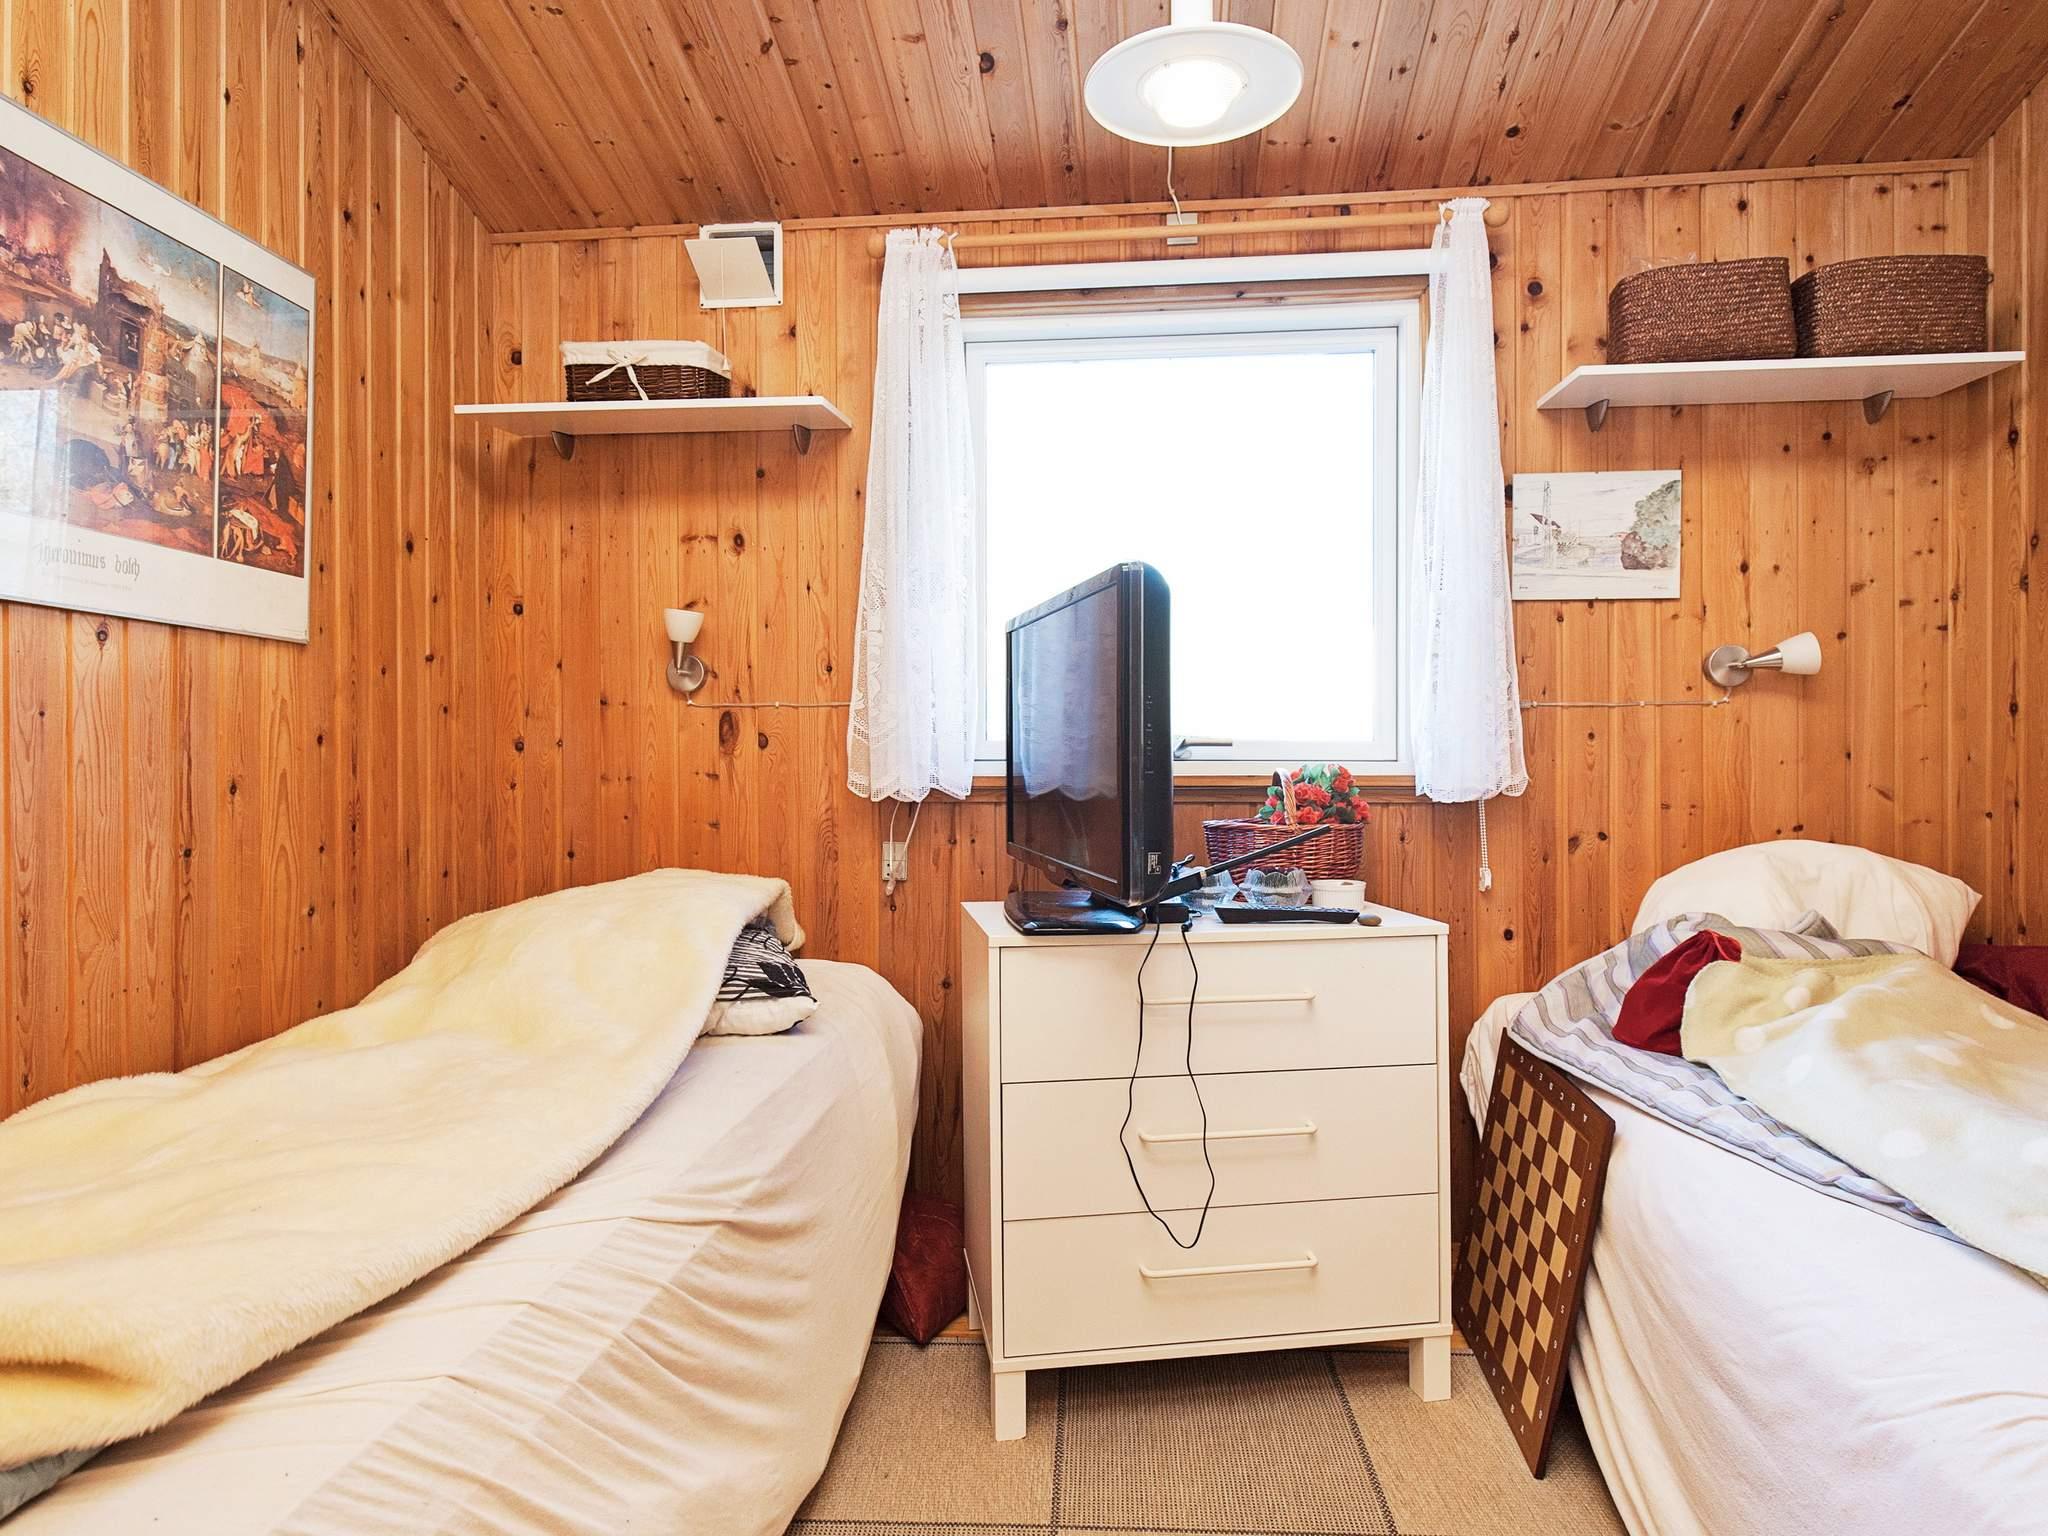 Ferienhaus Udsholt Strand (2355111), Udsholt, , Nordseeland, Dänemark, Bild 9